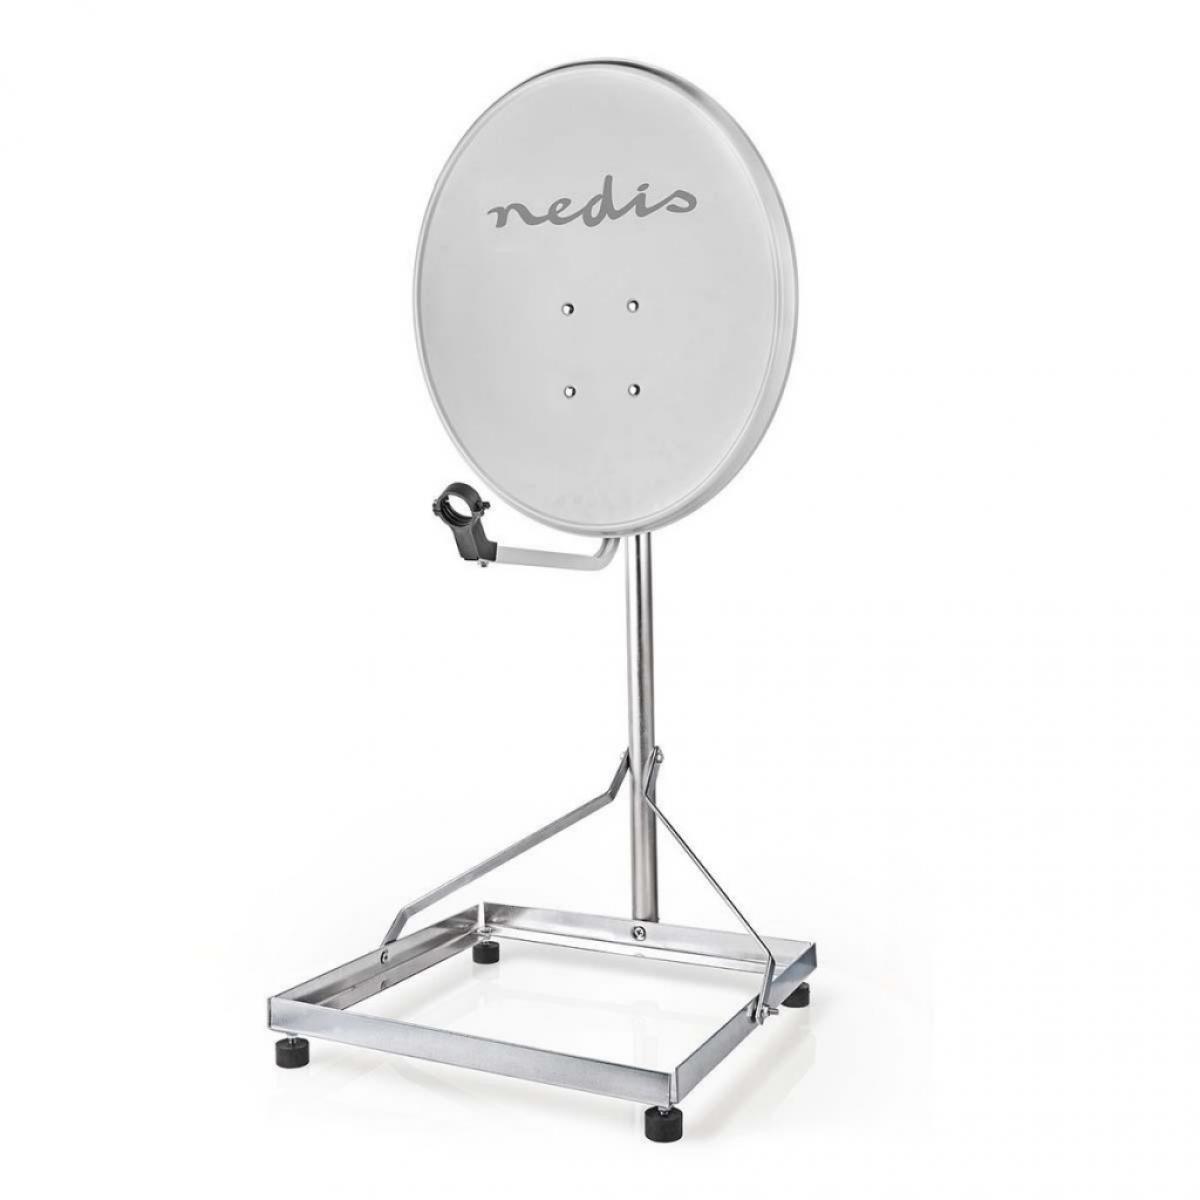 Nedis Socle de Satellite pour Balcon | Taille Maximale de l'Antenne Parabolique : 90 cm | 1 x 50 x 50 cm | Acier